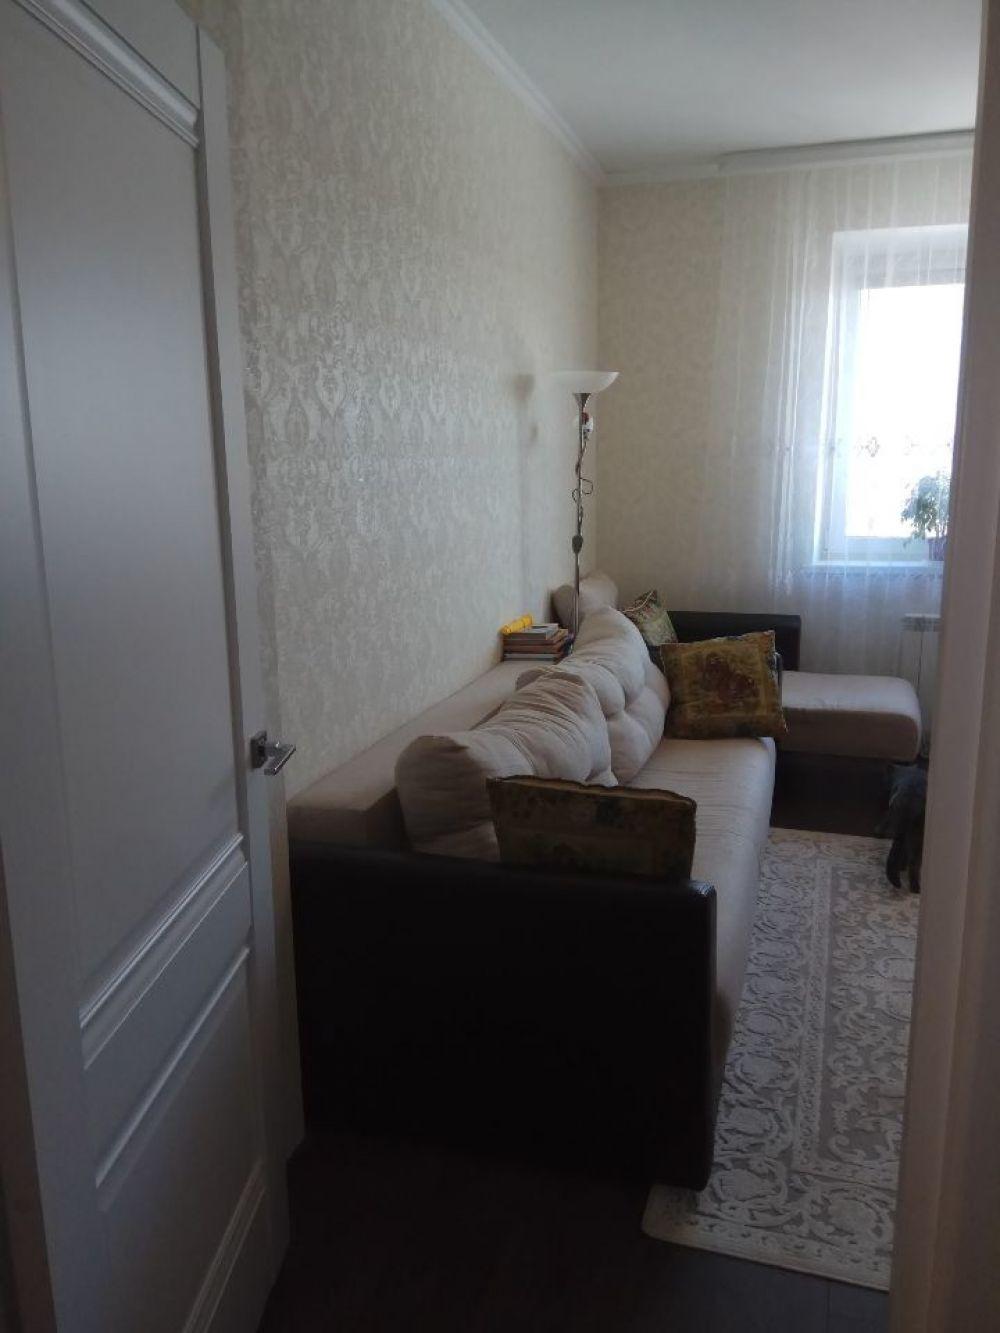 Двухкомнатная квартира, 53 м2, Богородский д.1, г. Щелково, фото 10